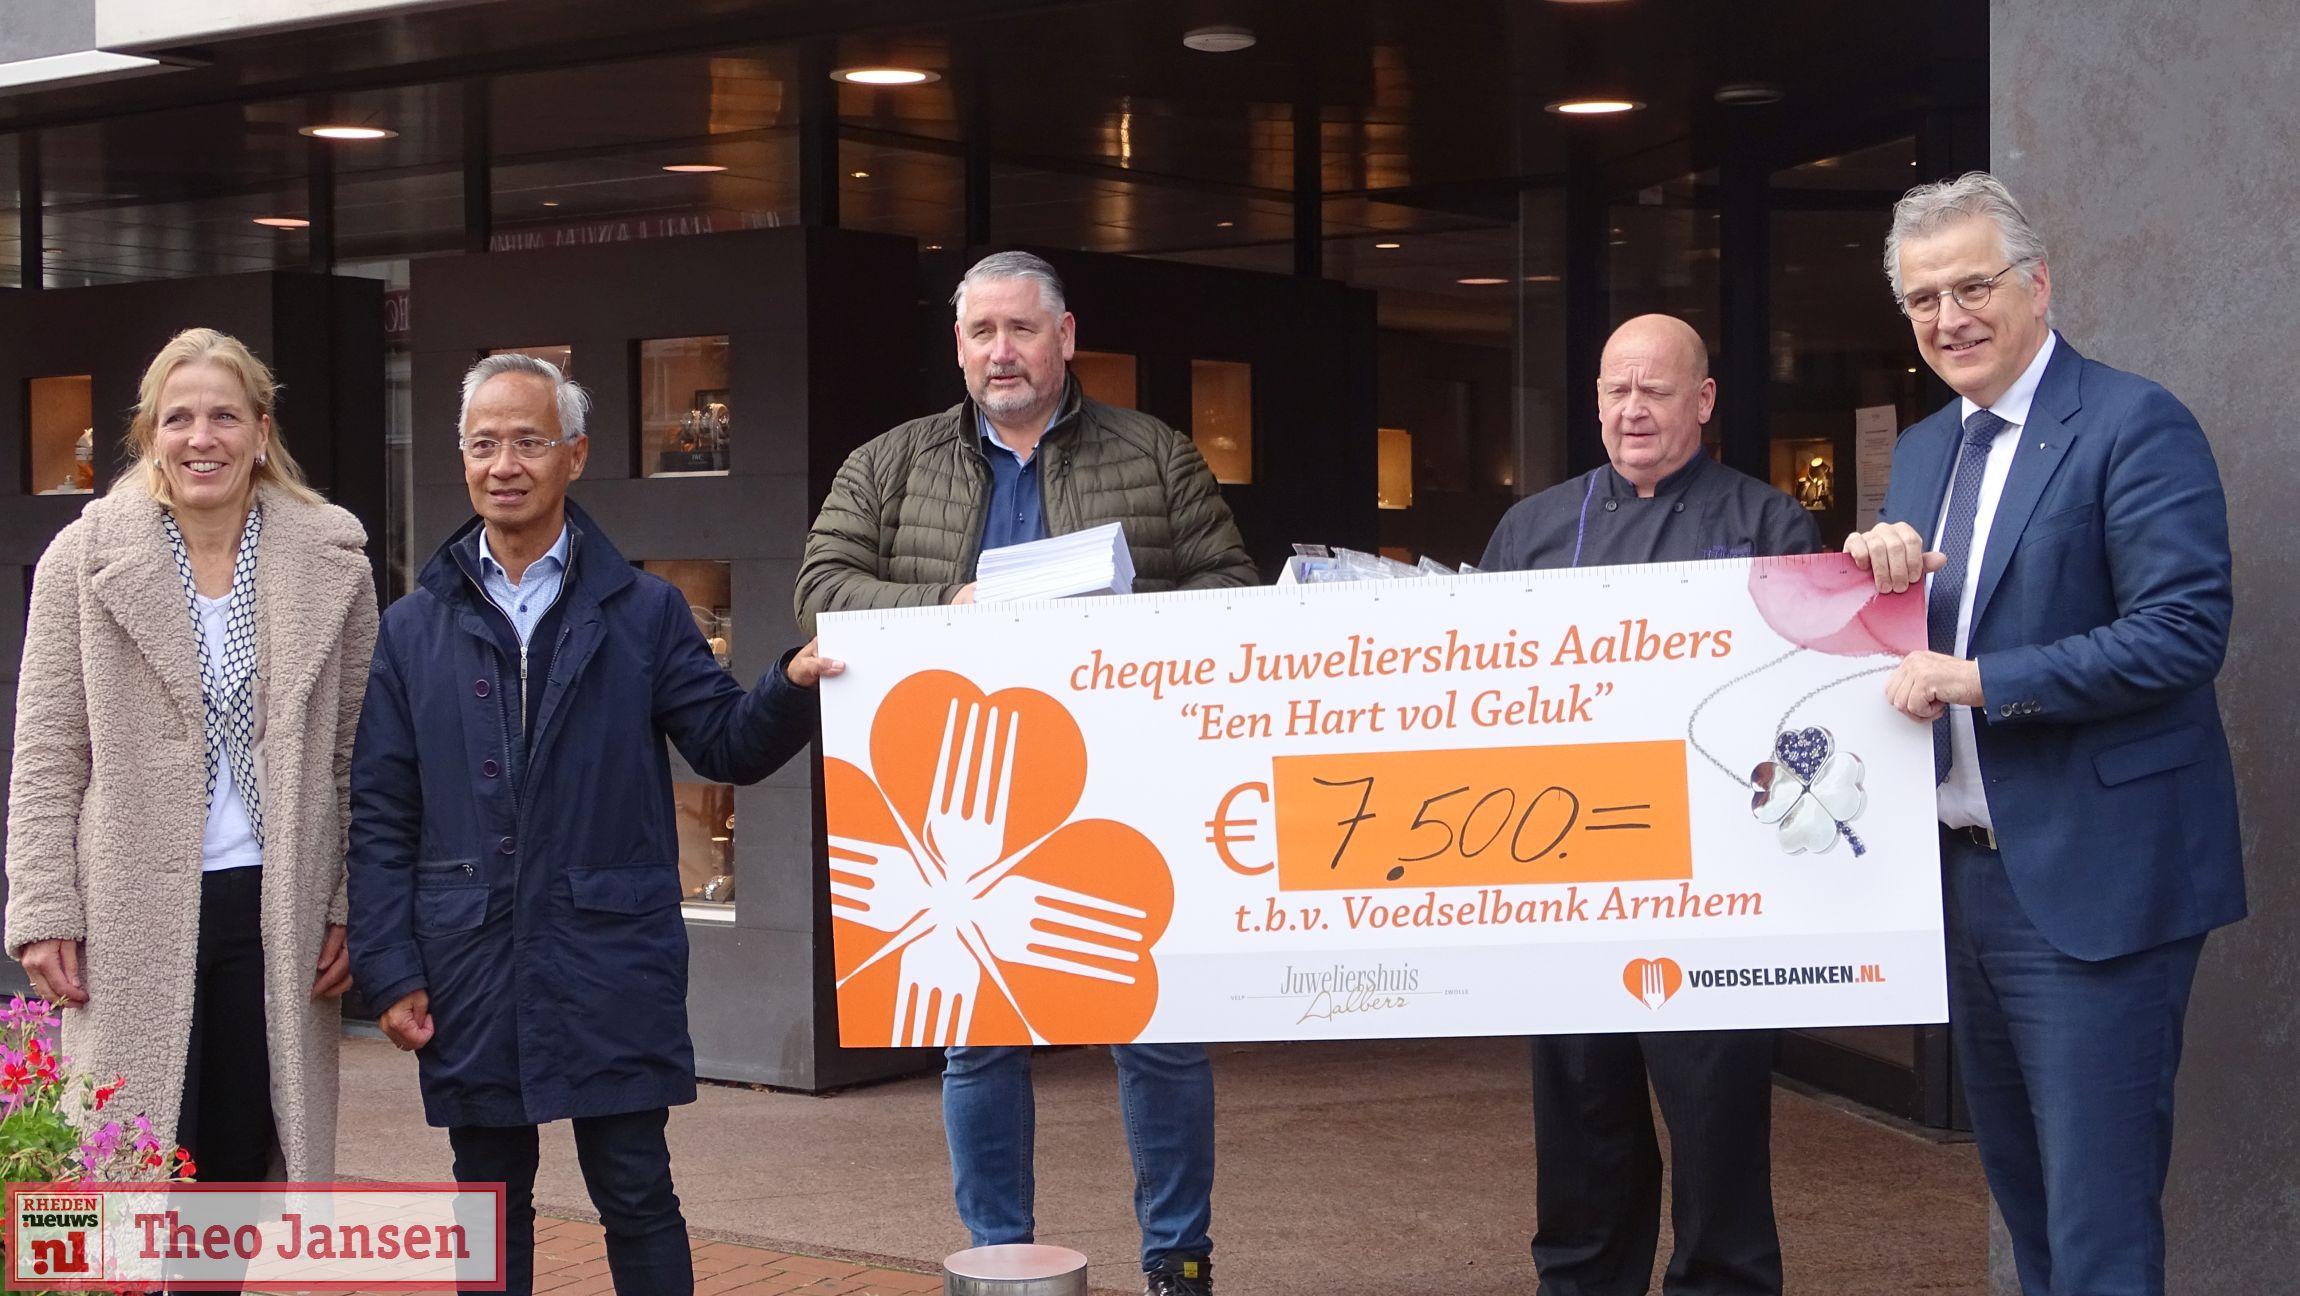 Juweliershuis Aalbers - Uitreiking cheque Voedselbank Arnhem - Rheden Nieuws